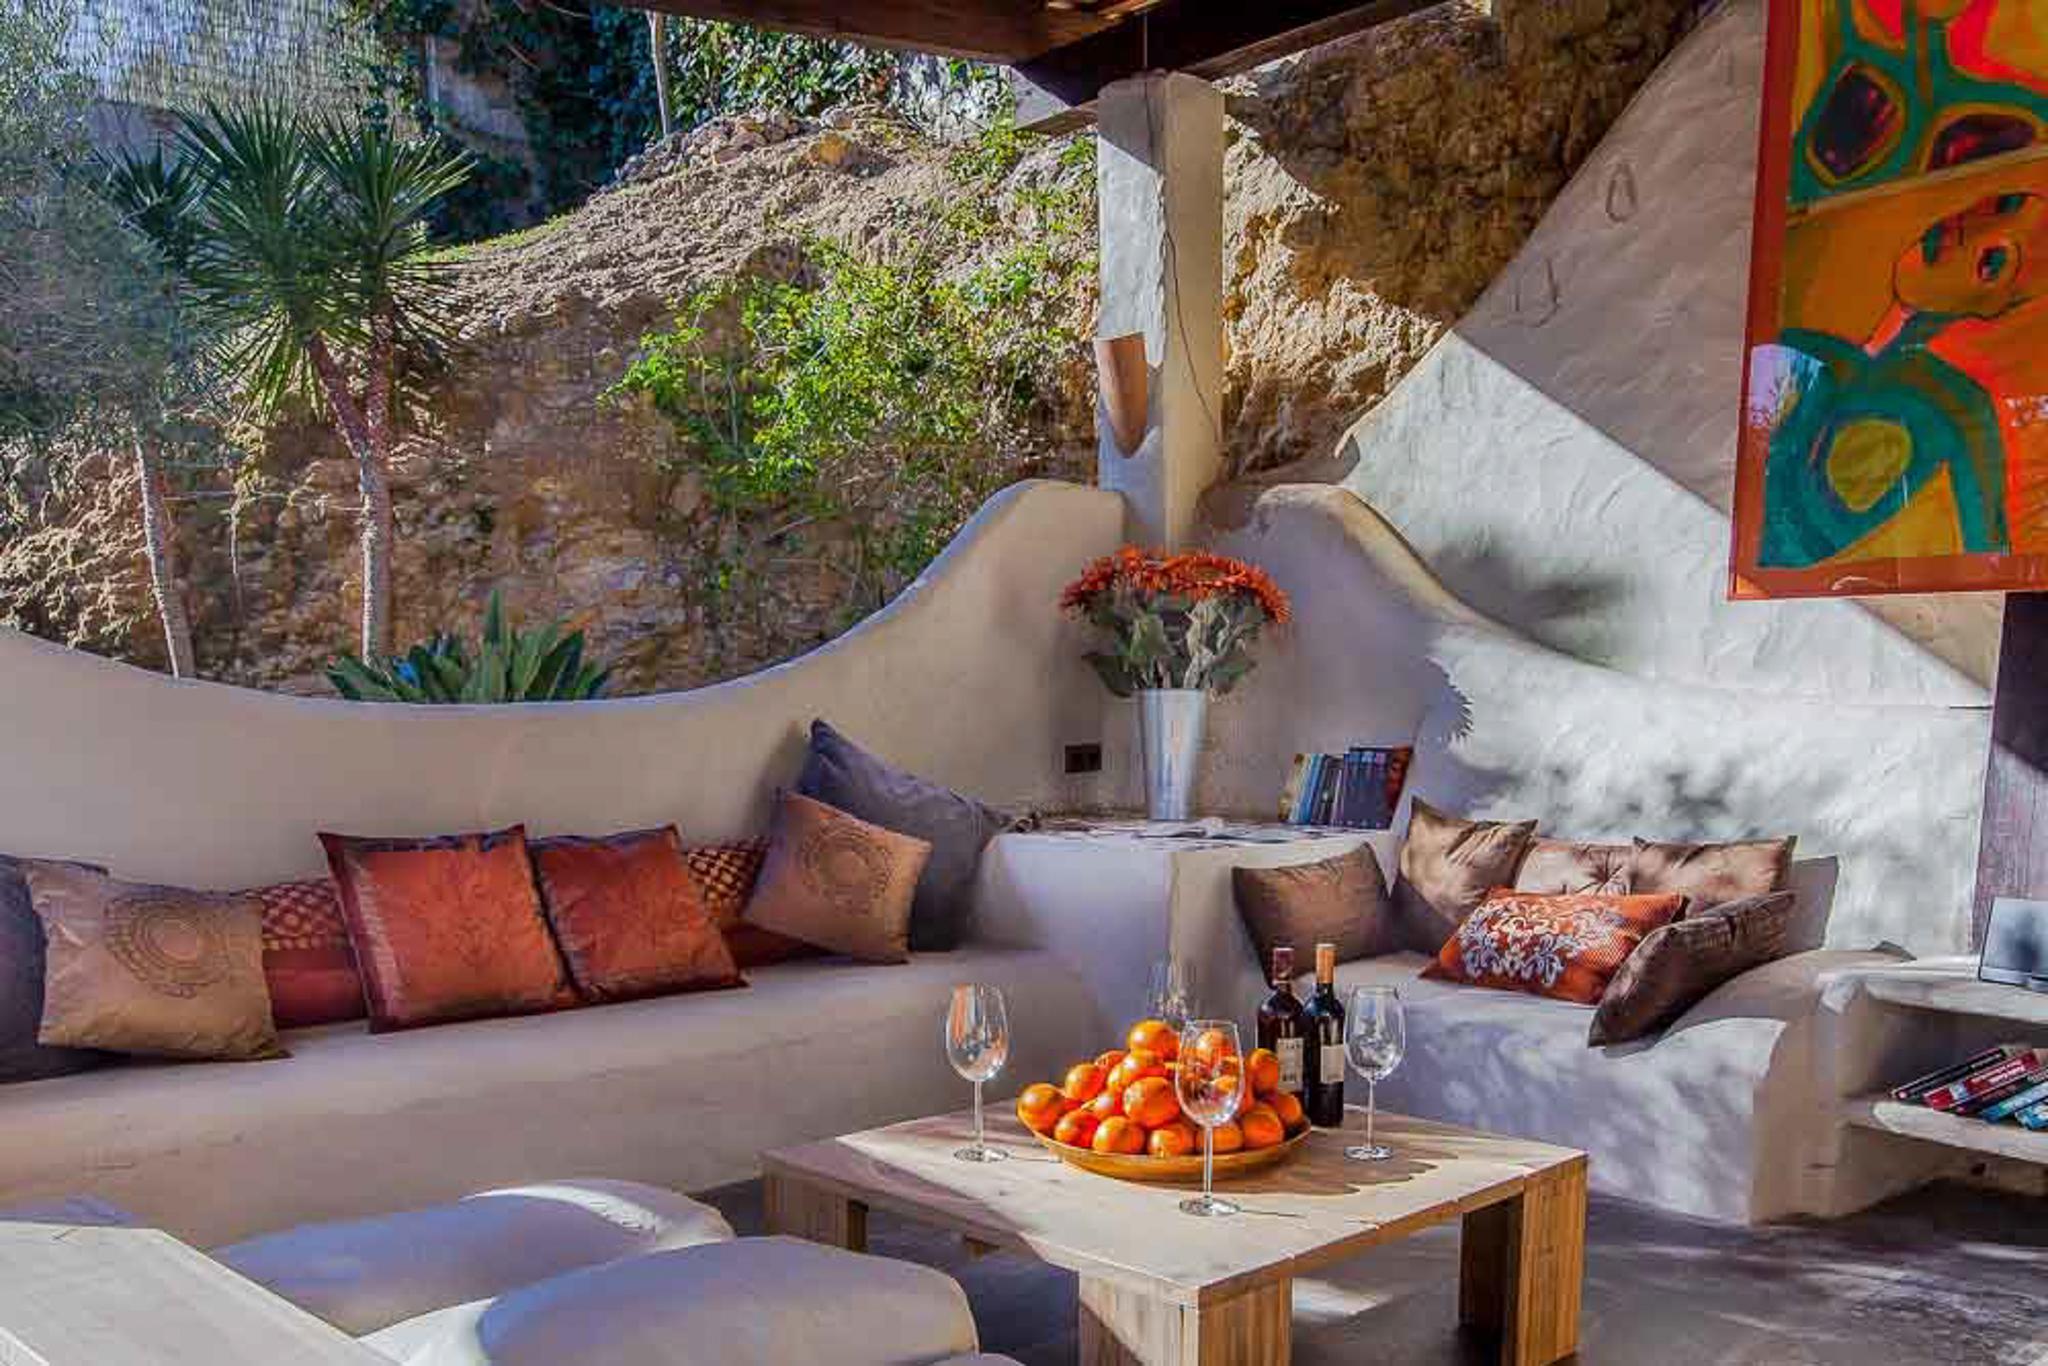 Ferienhaus Villa Palmera, Paradies in der Nhe von Barcelona, luxurise Villa fr 22 Personen (2379177), Olivella, Costa del Garraf, Katalonien, Spanien, Bild 23